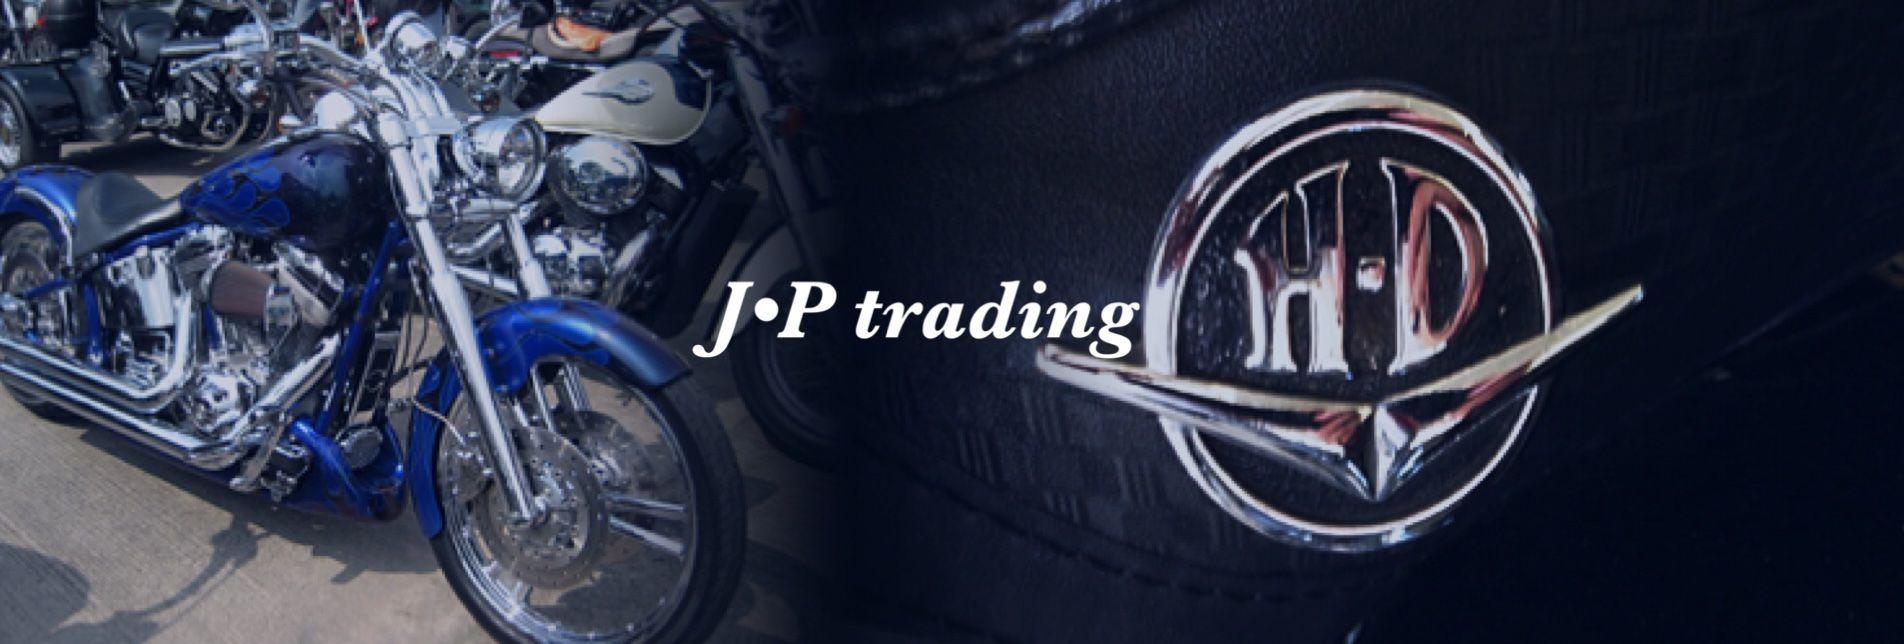 バイクと車を買うならオークション代行の「JPtrading/ジェイ・ピートレーディング」